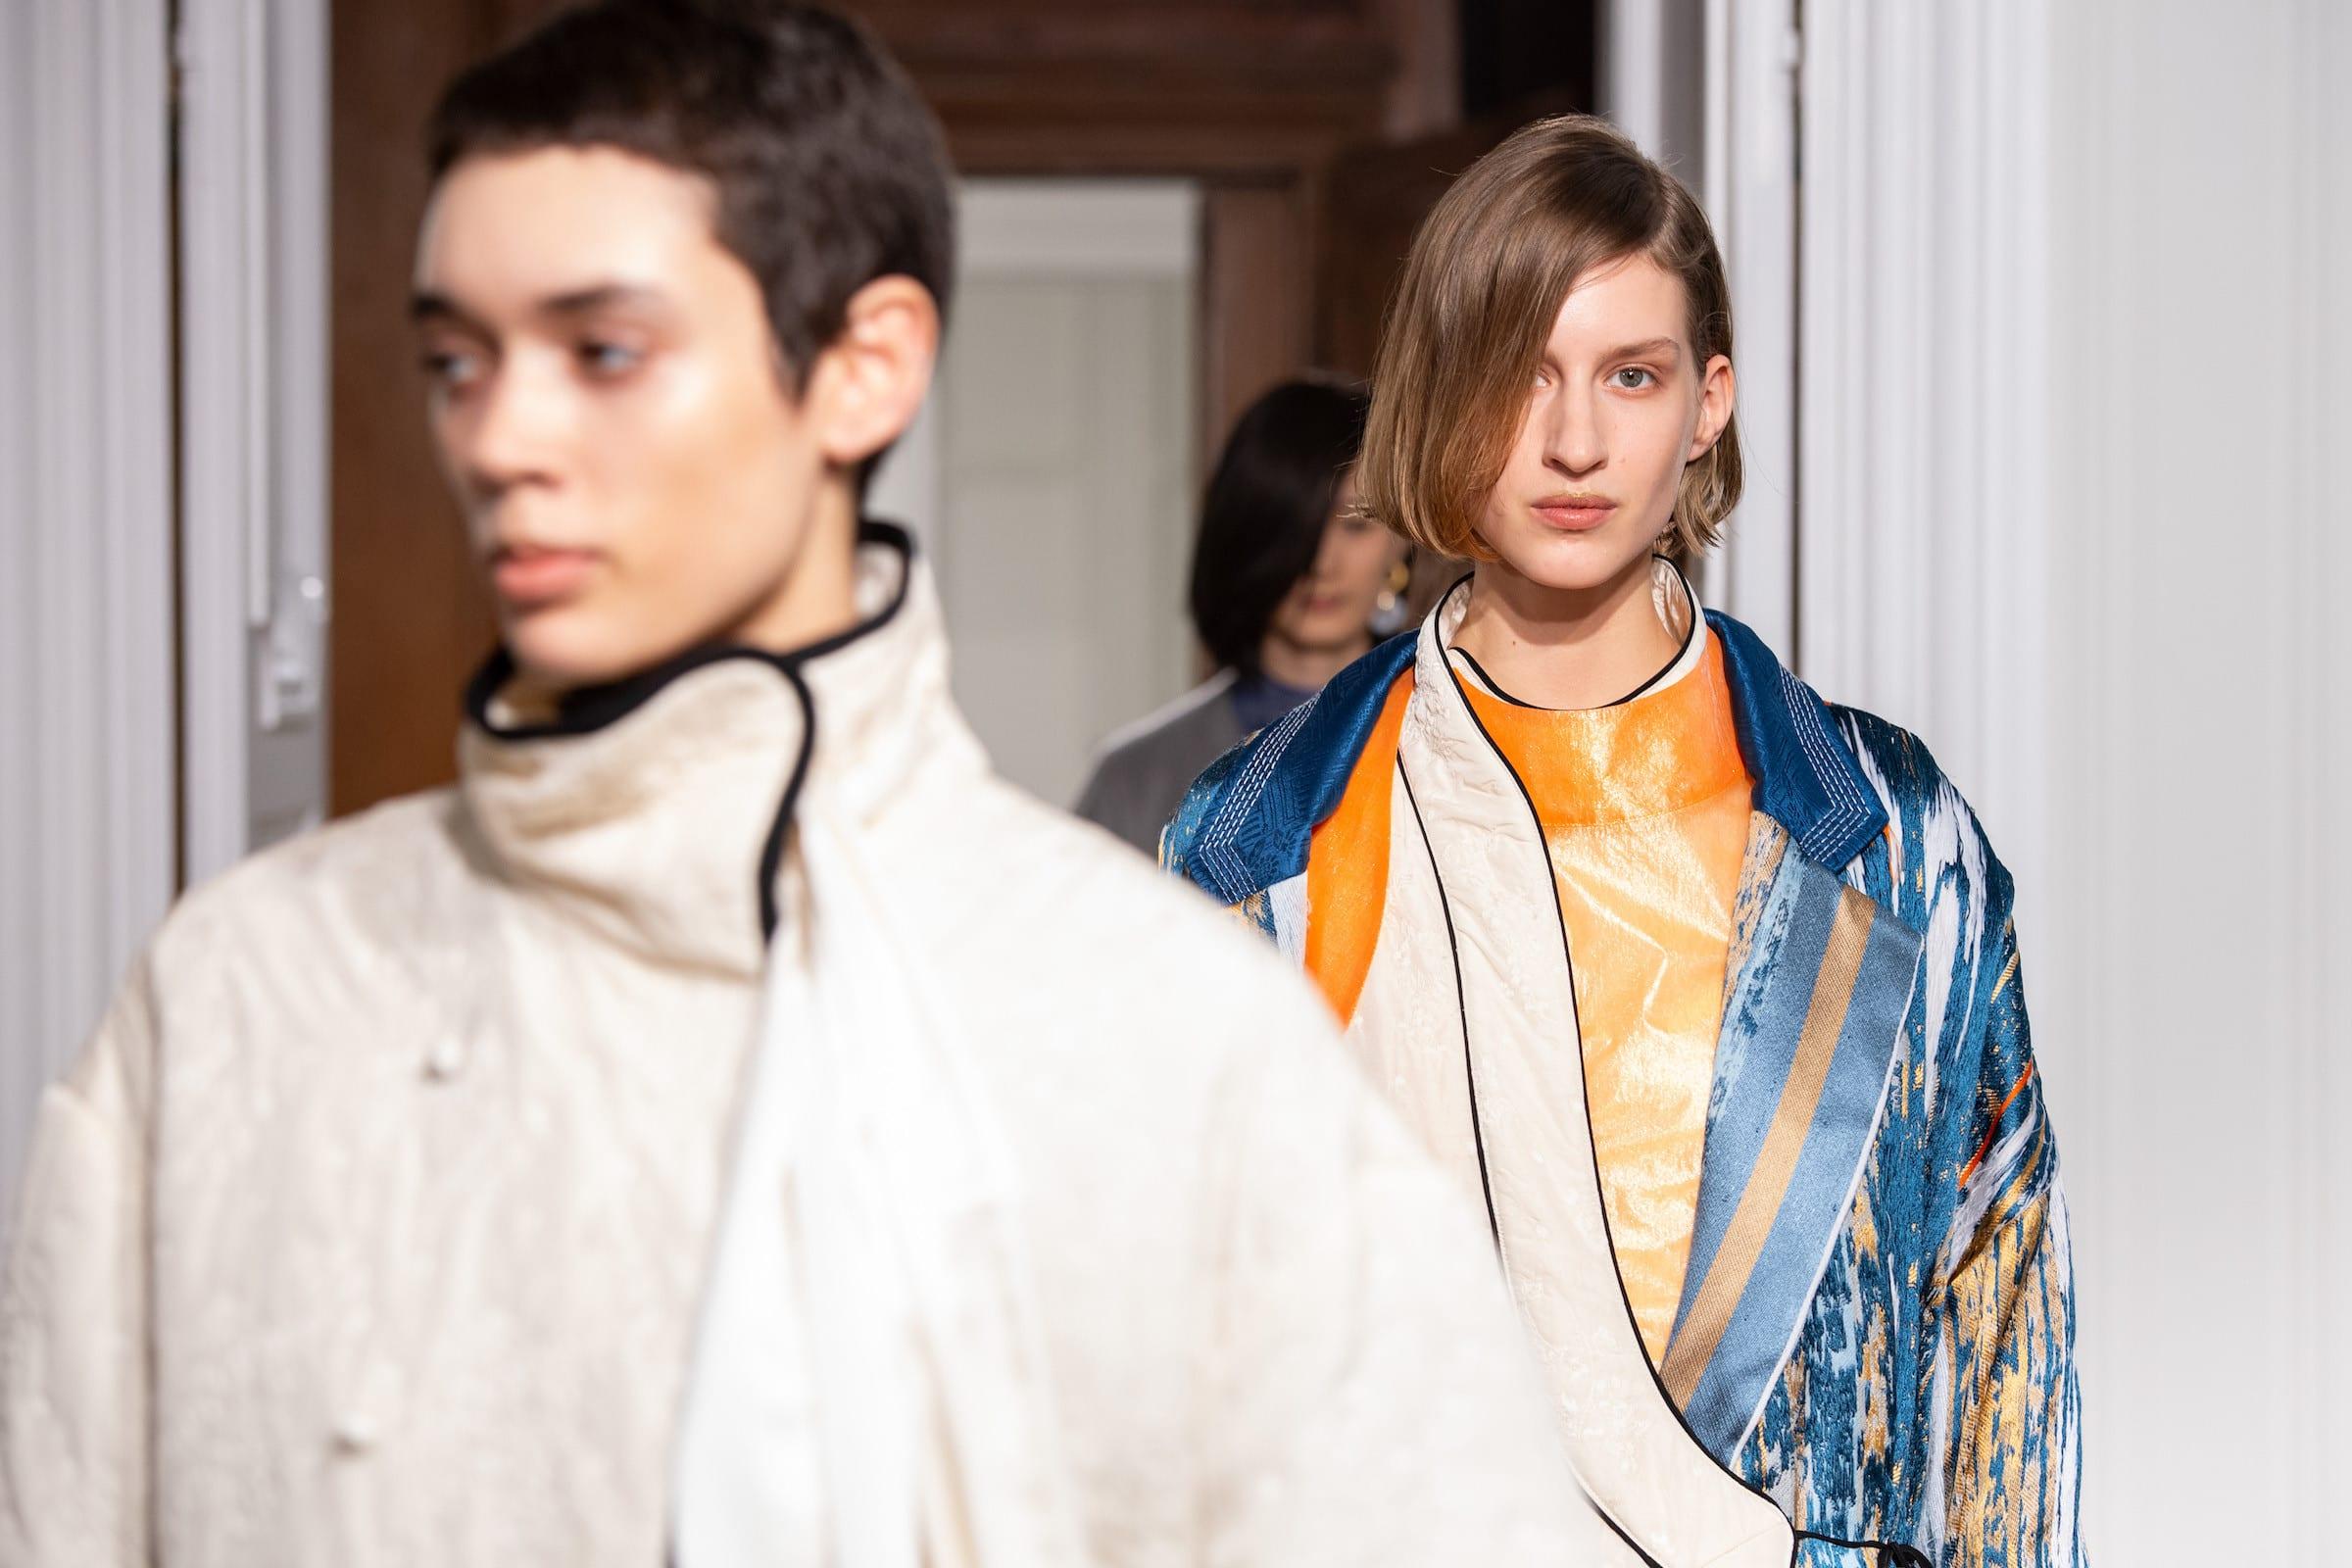 2020年春夏パリファッションウィークの日程発表、「マメ」が